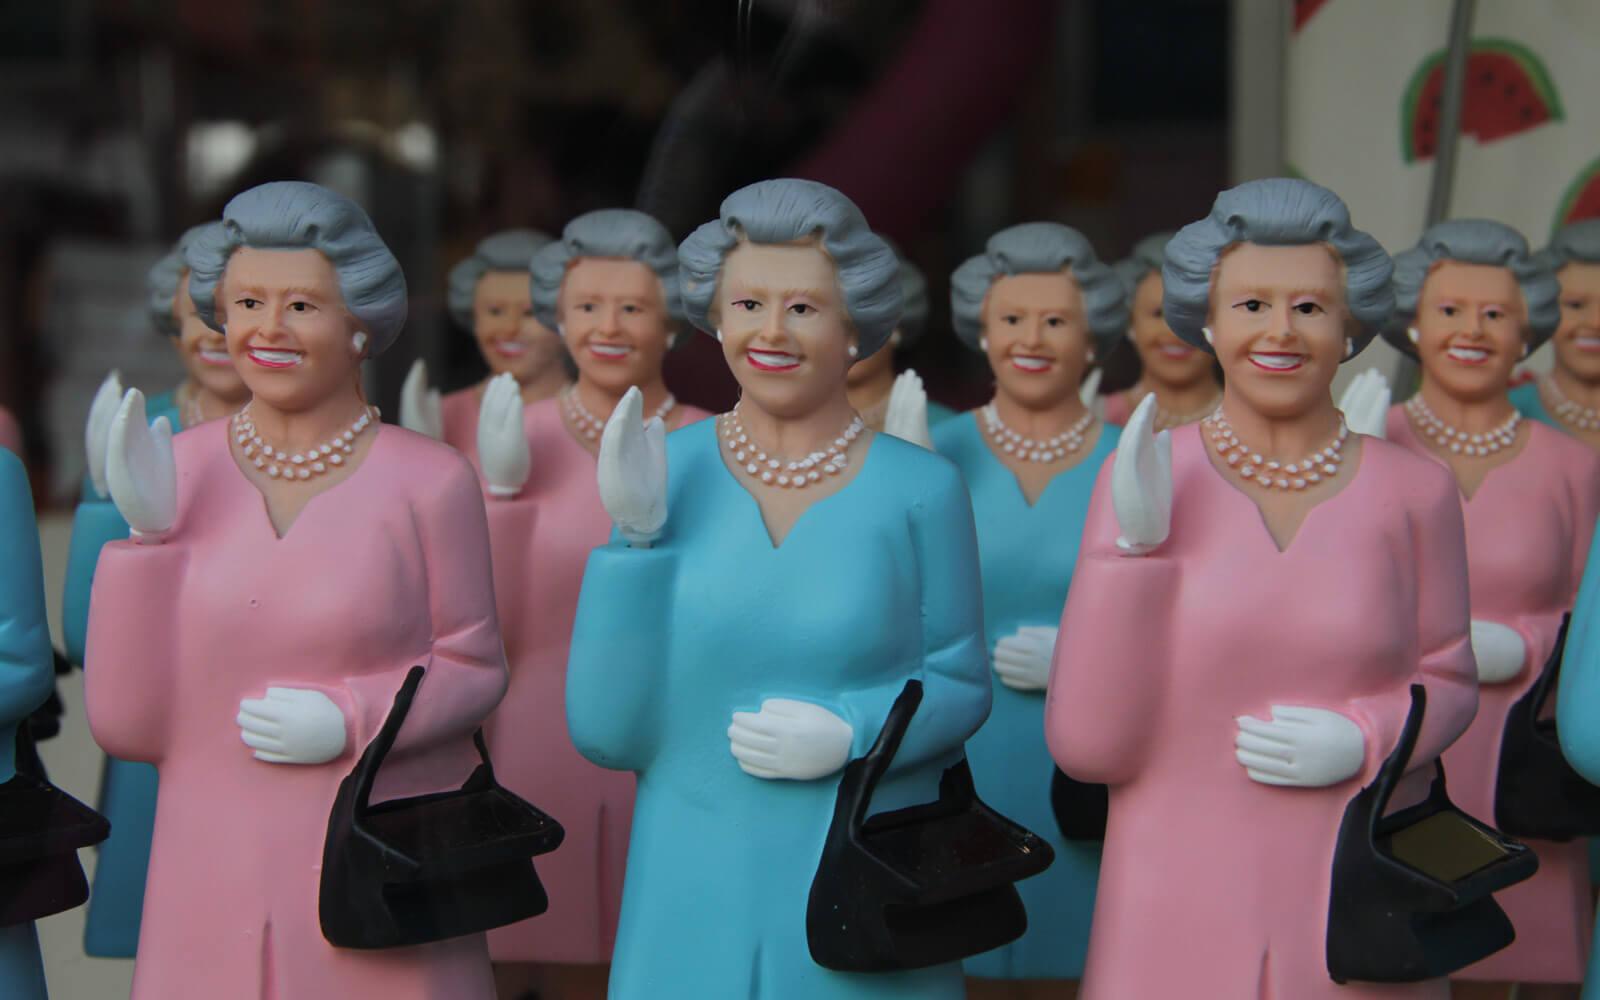 Sparen in London: Britischer Humor - Die Queen als Souvenir